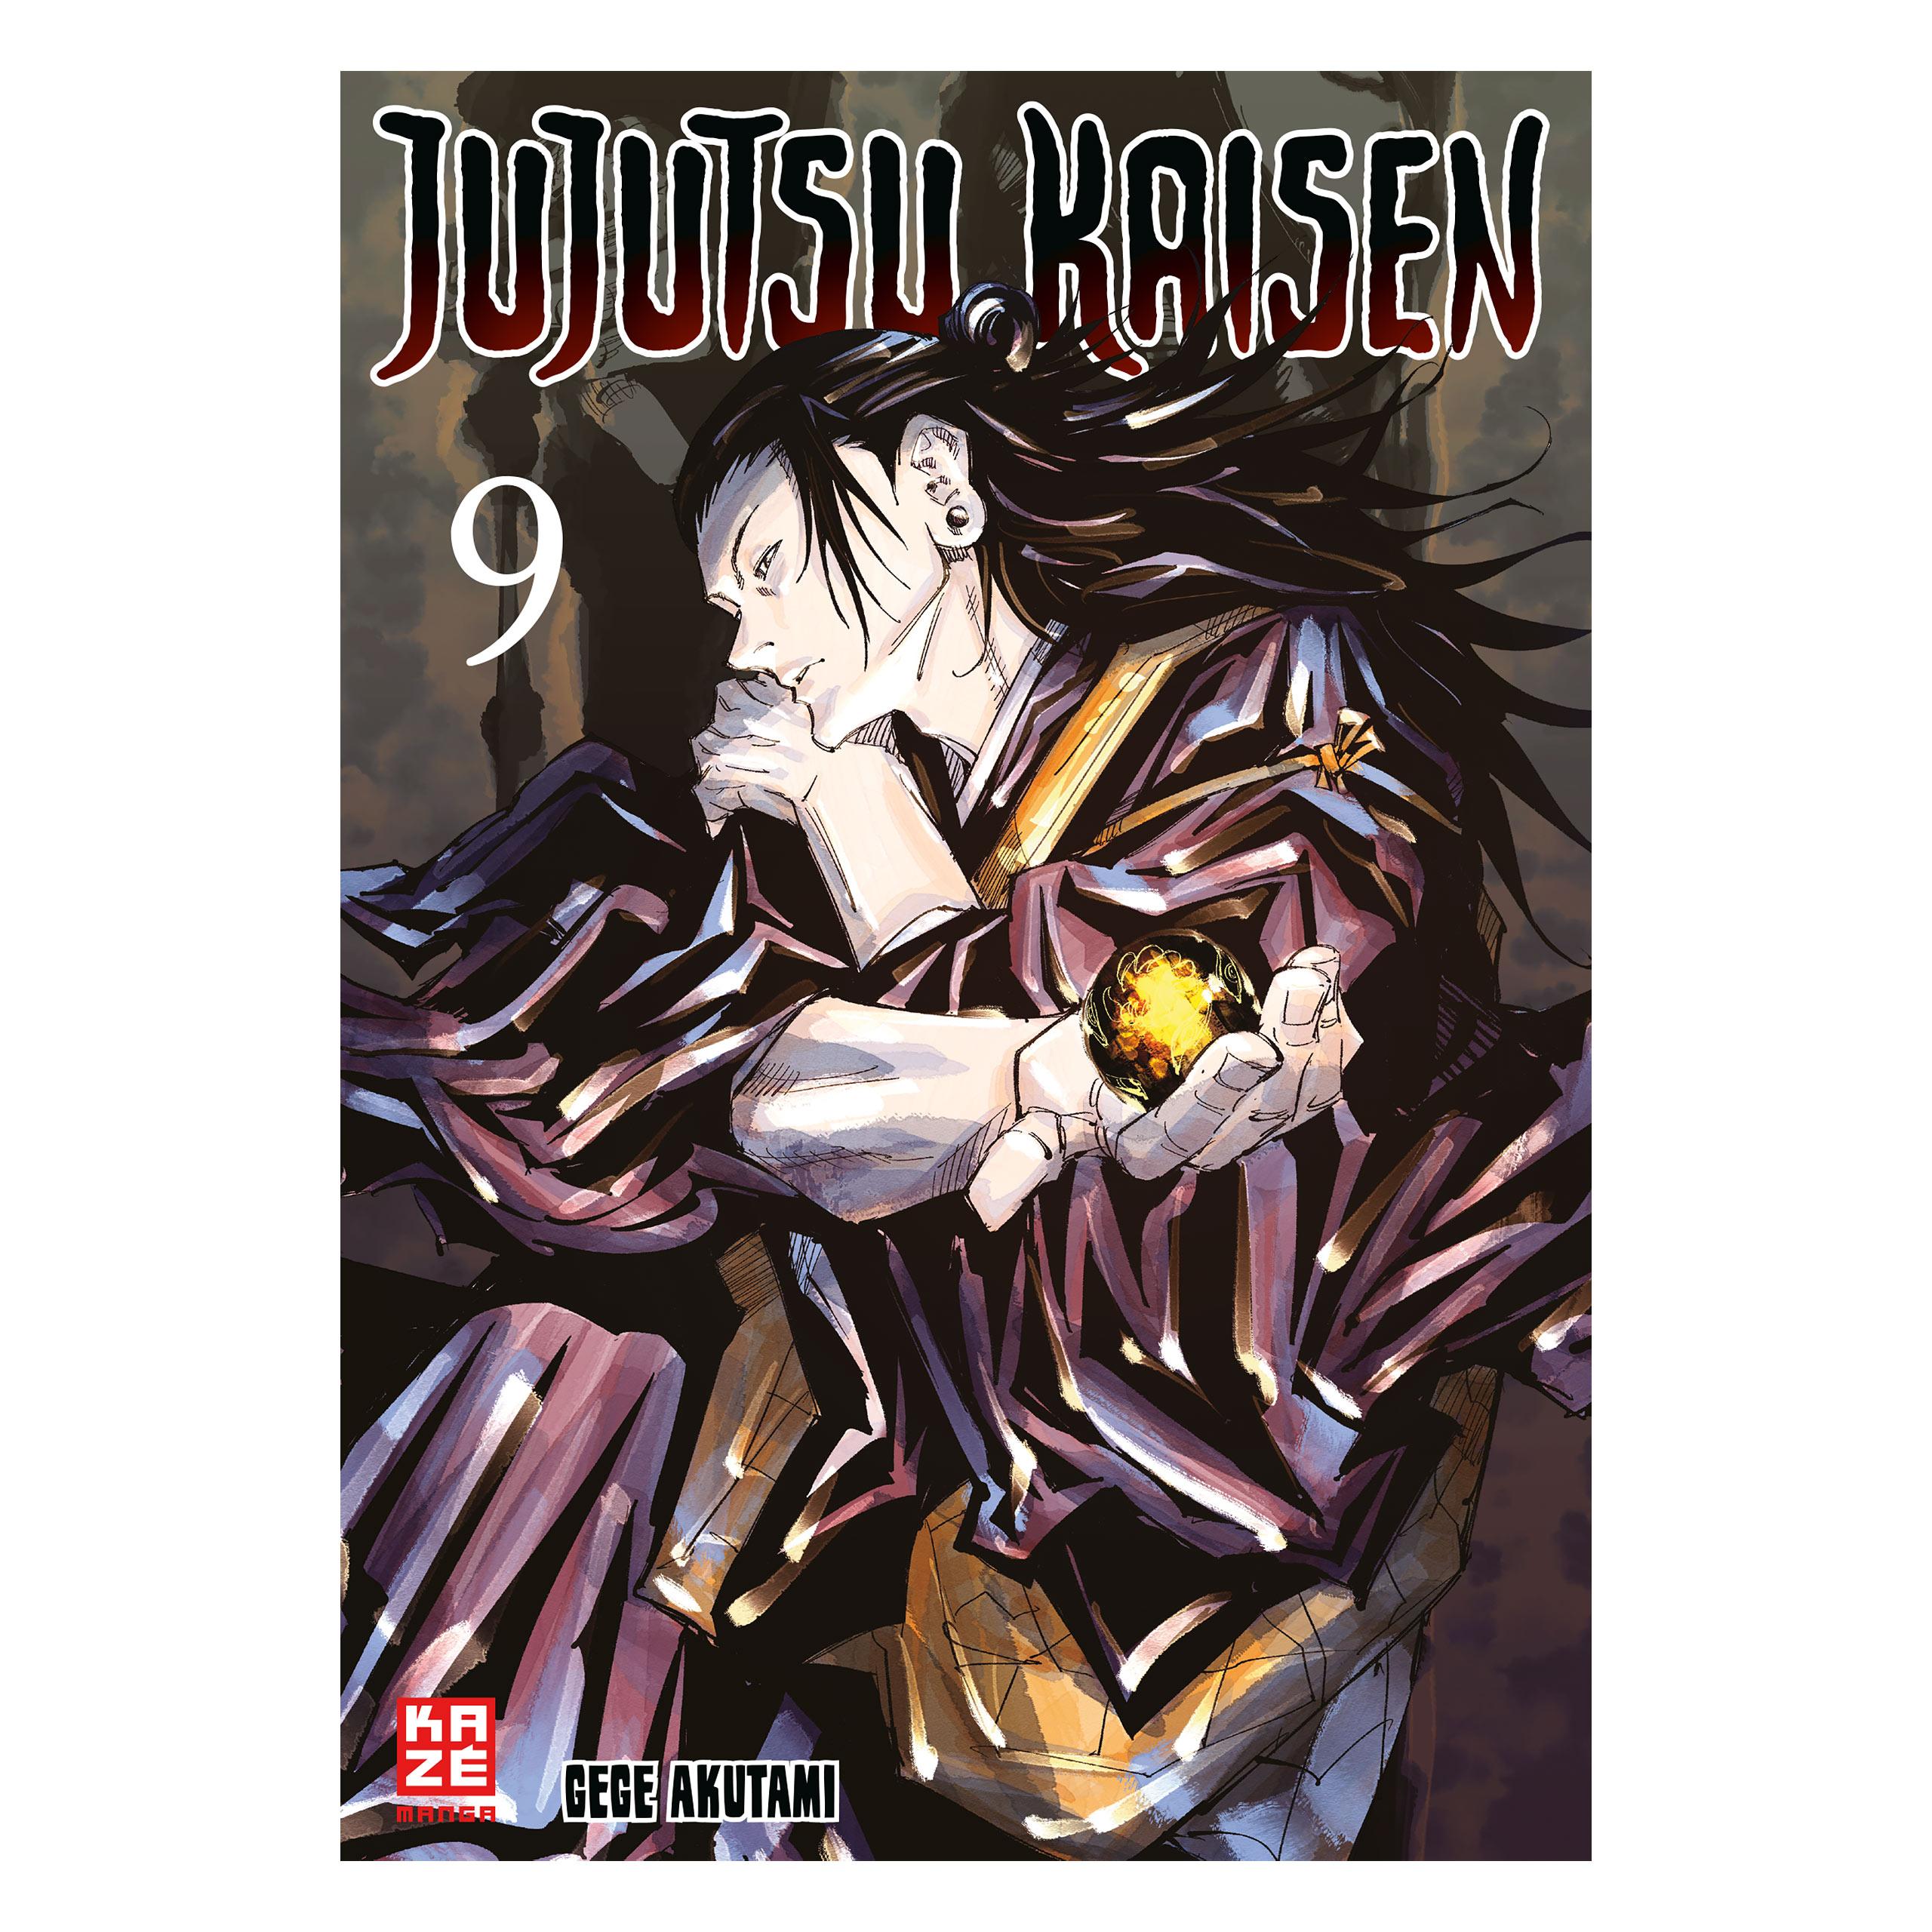 Jujutsu Kaisen - Band 9 Taschenbuch